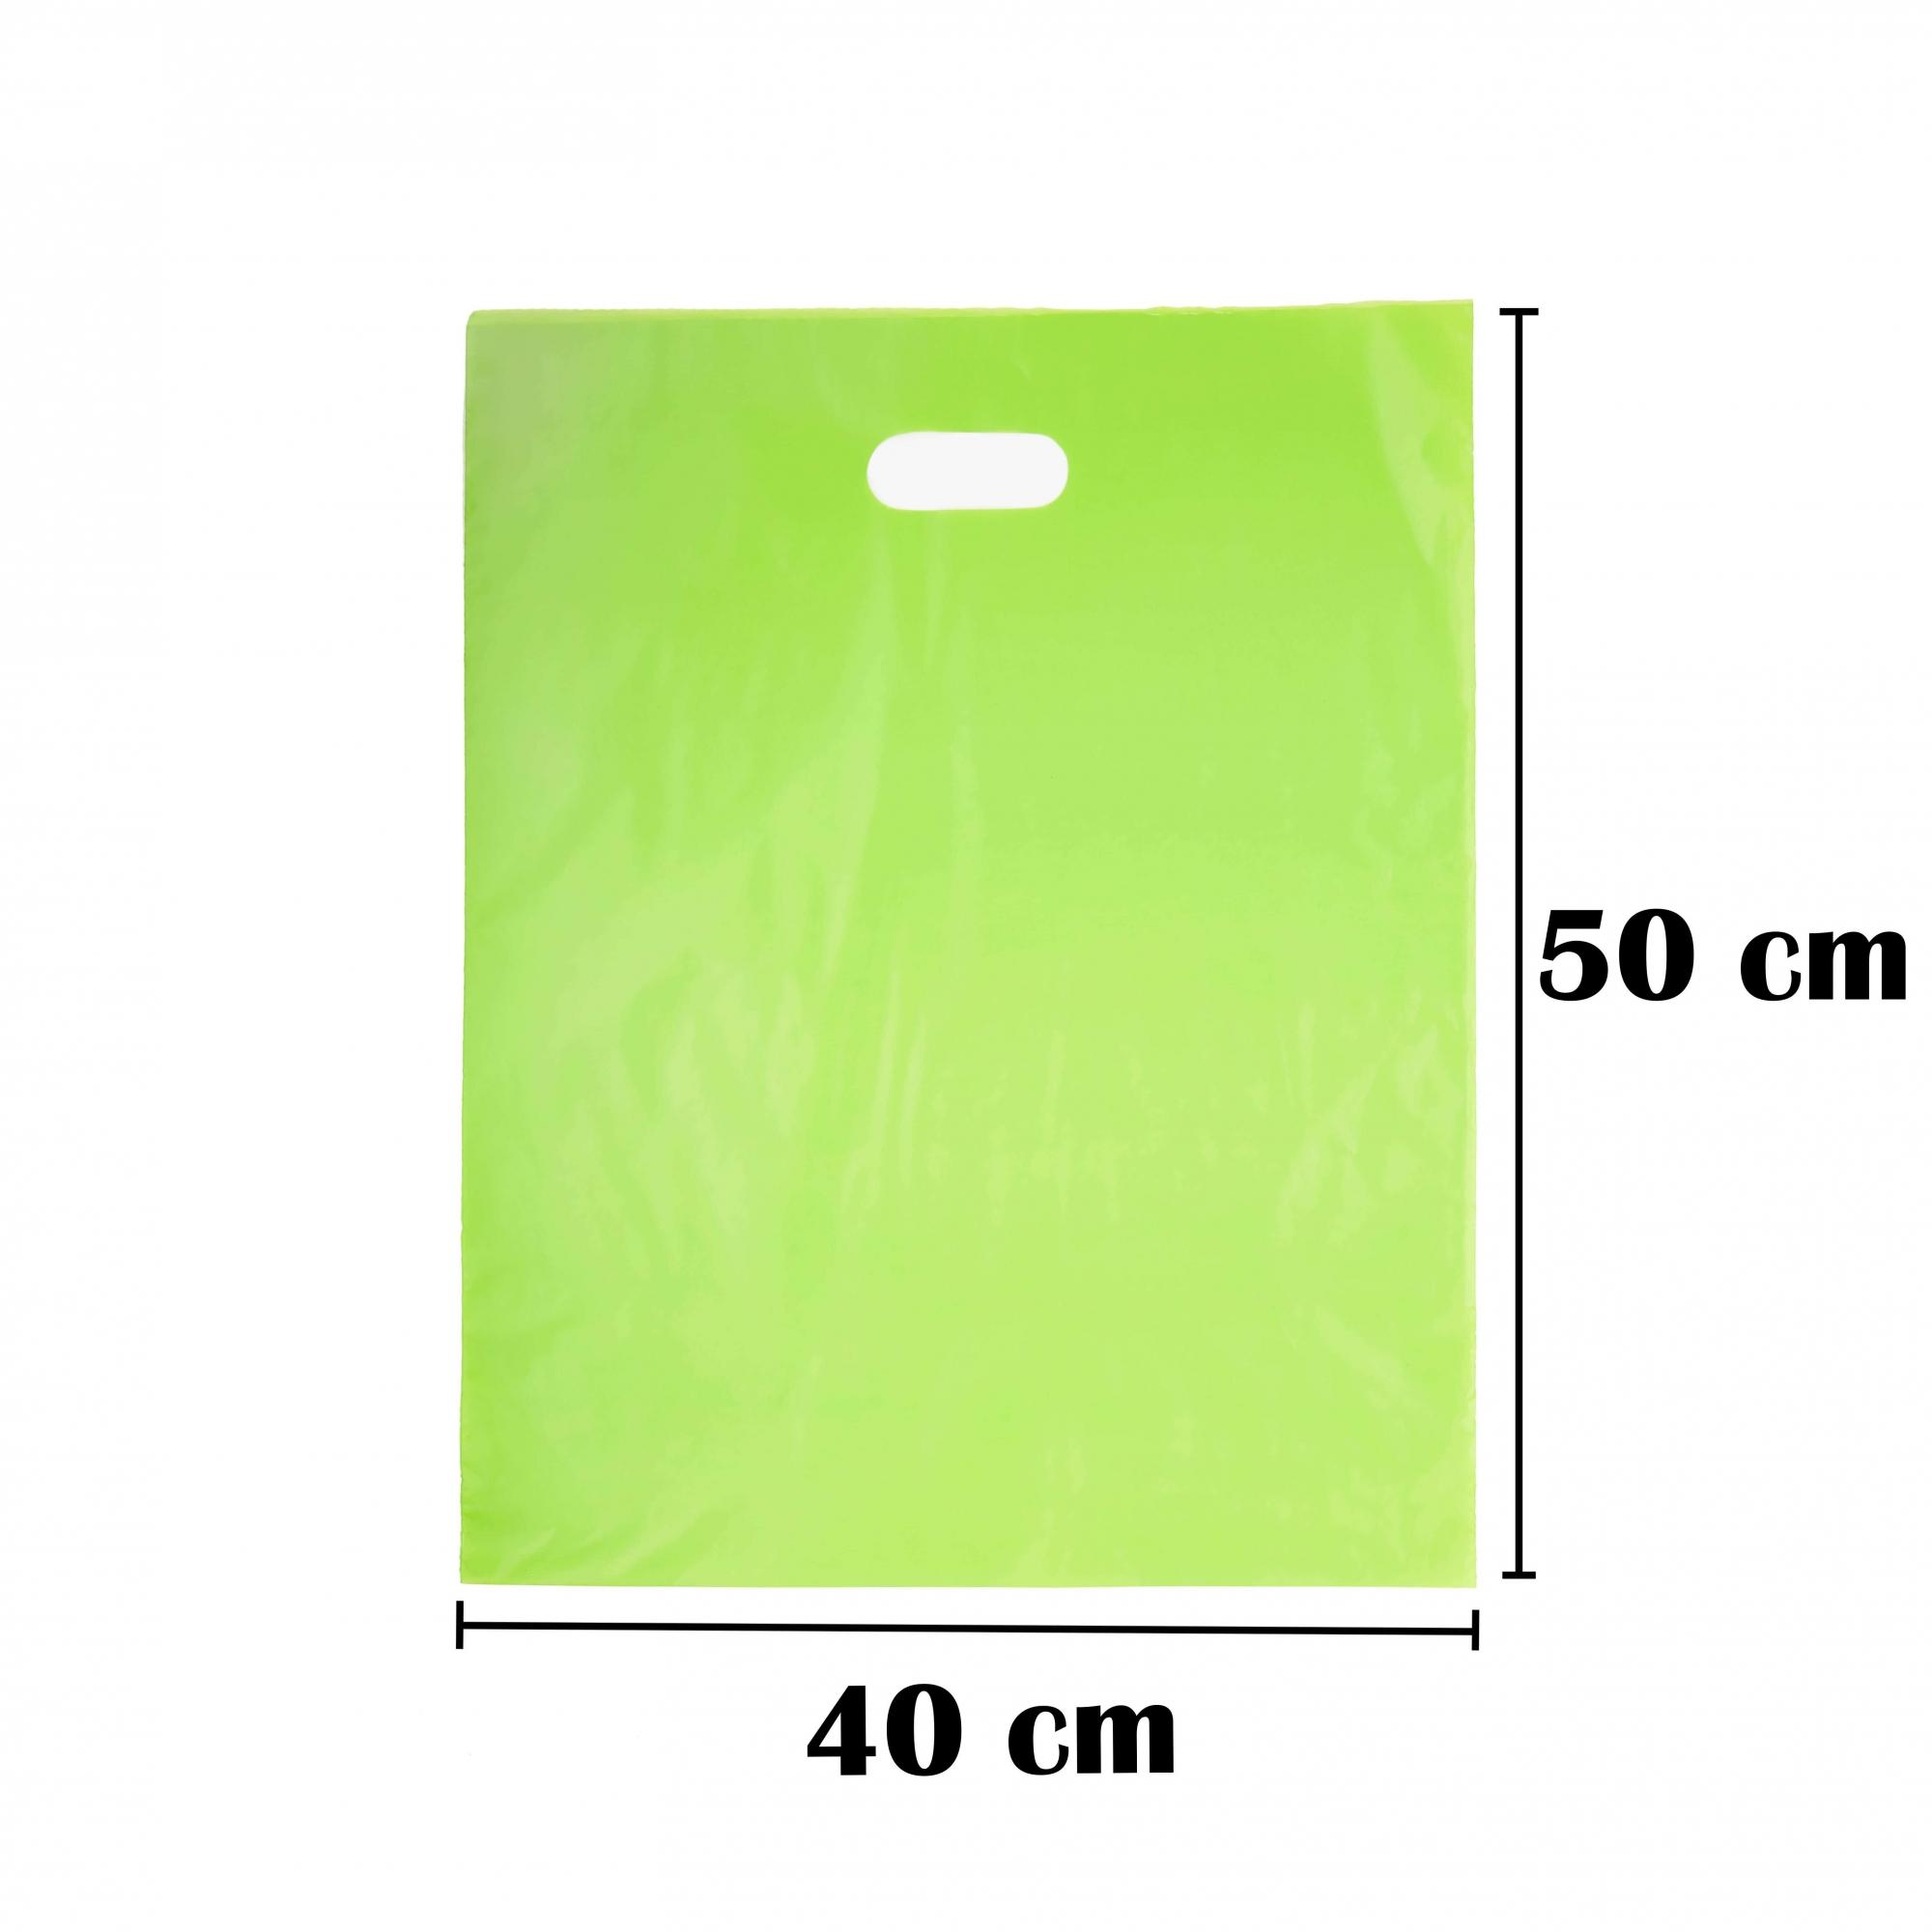 Sacola Plástica 40x50 Verde Alça Boca de Palhaço 250 Unidades